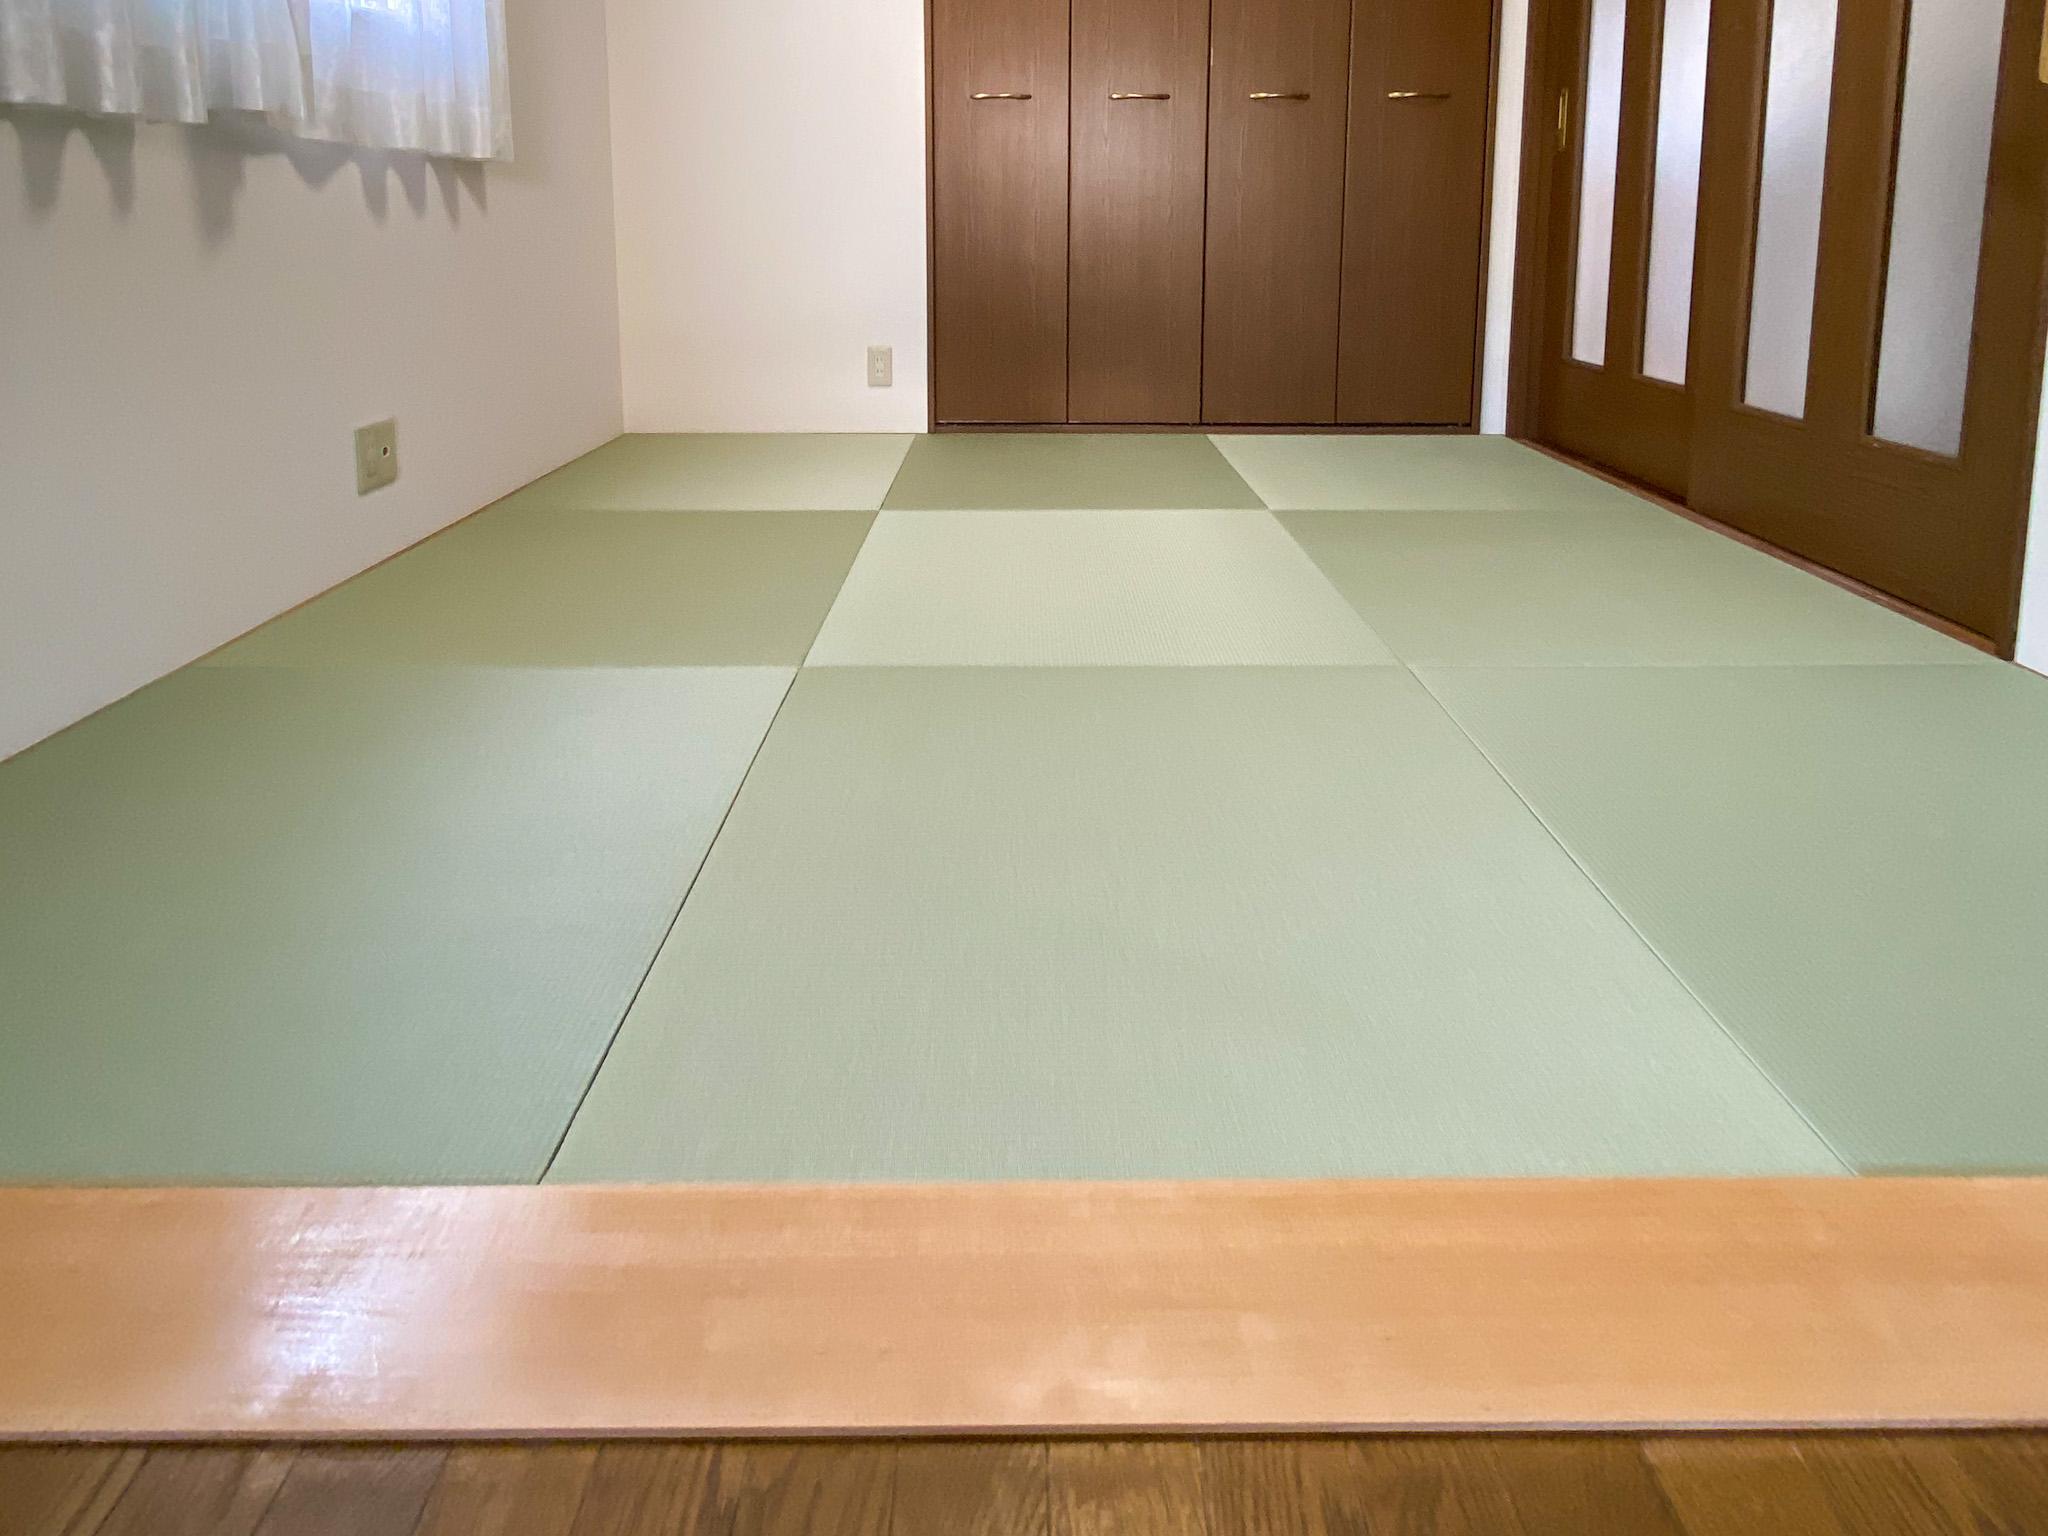 樹脂製琉球畳の新調リフォーム(神戸市戸建住宅事例)